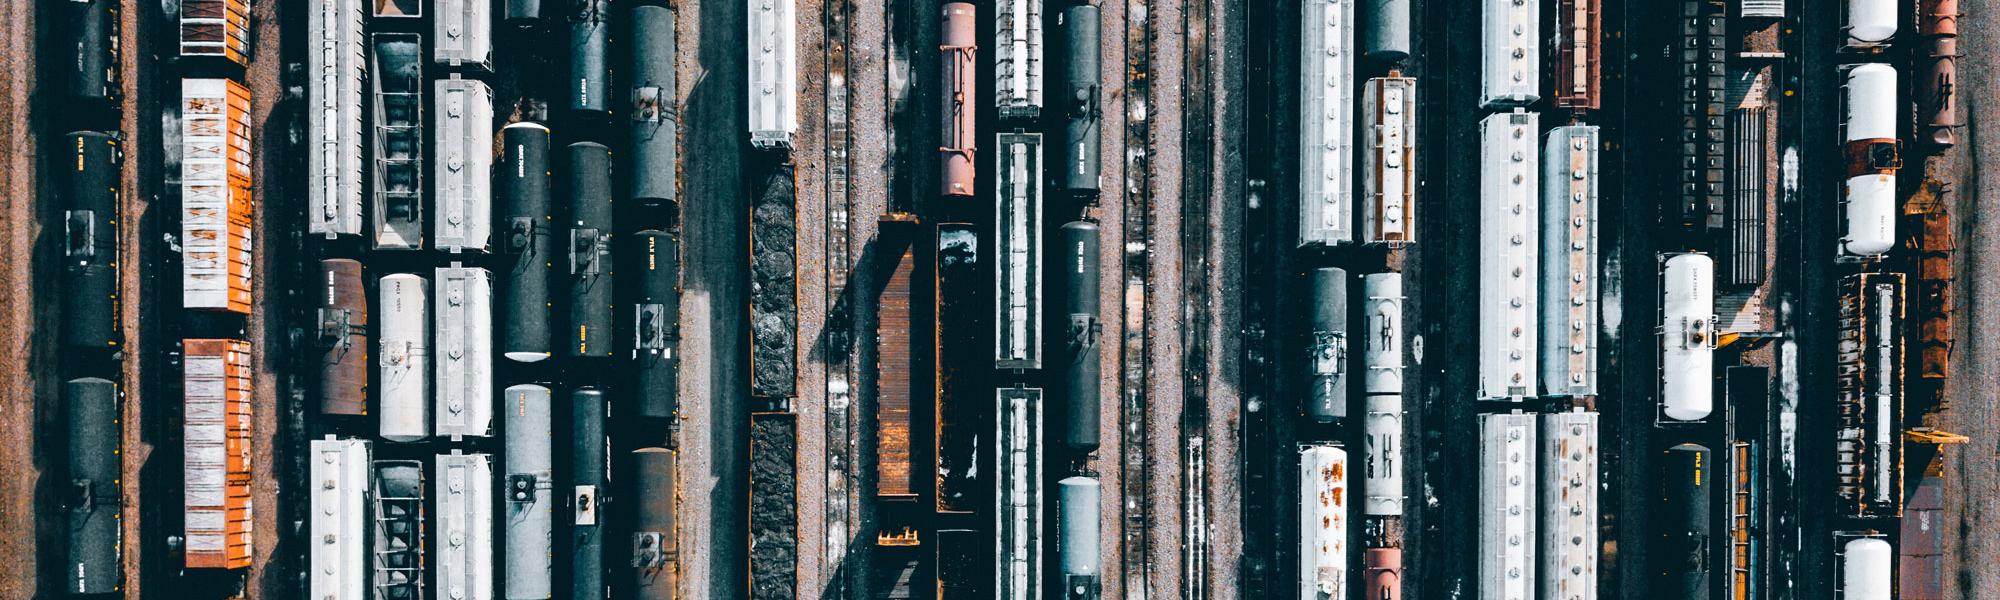 Railways with freight Photo byCampbell BoulangeronUnsplash